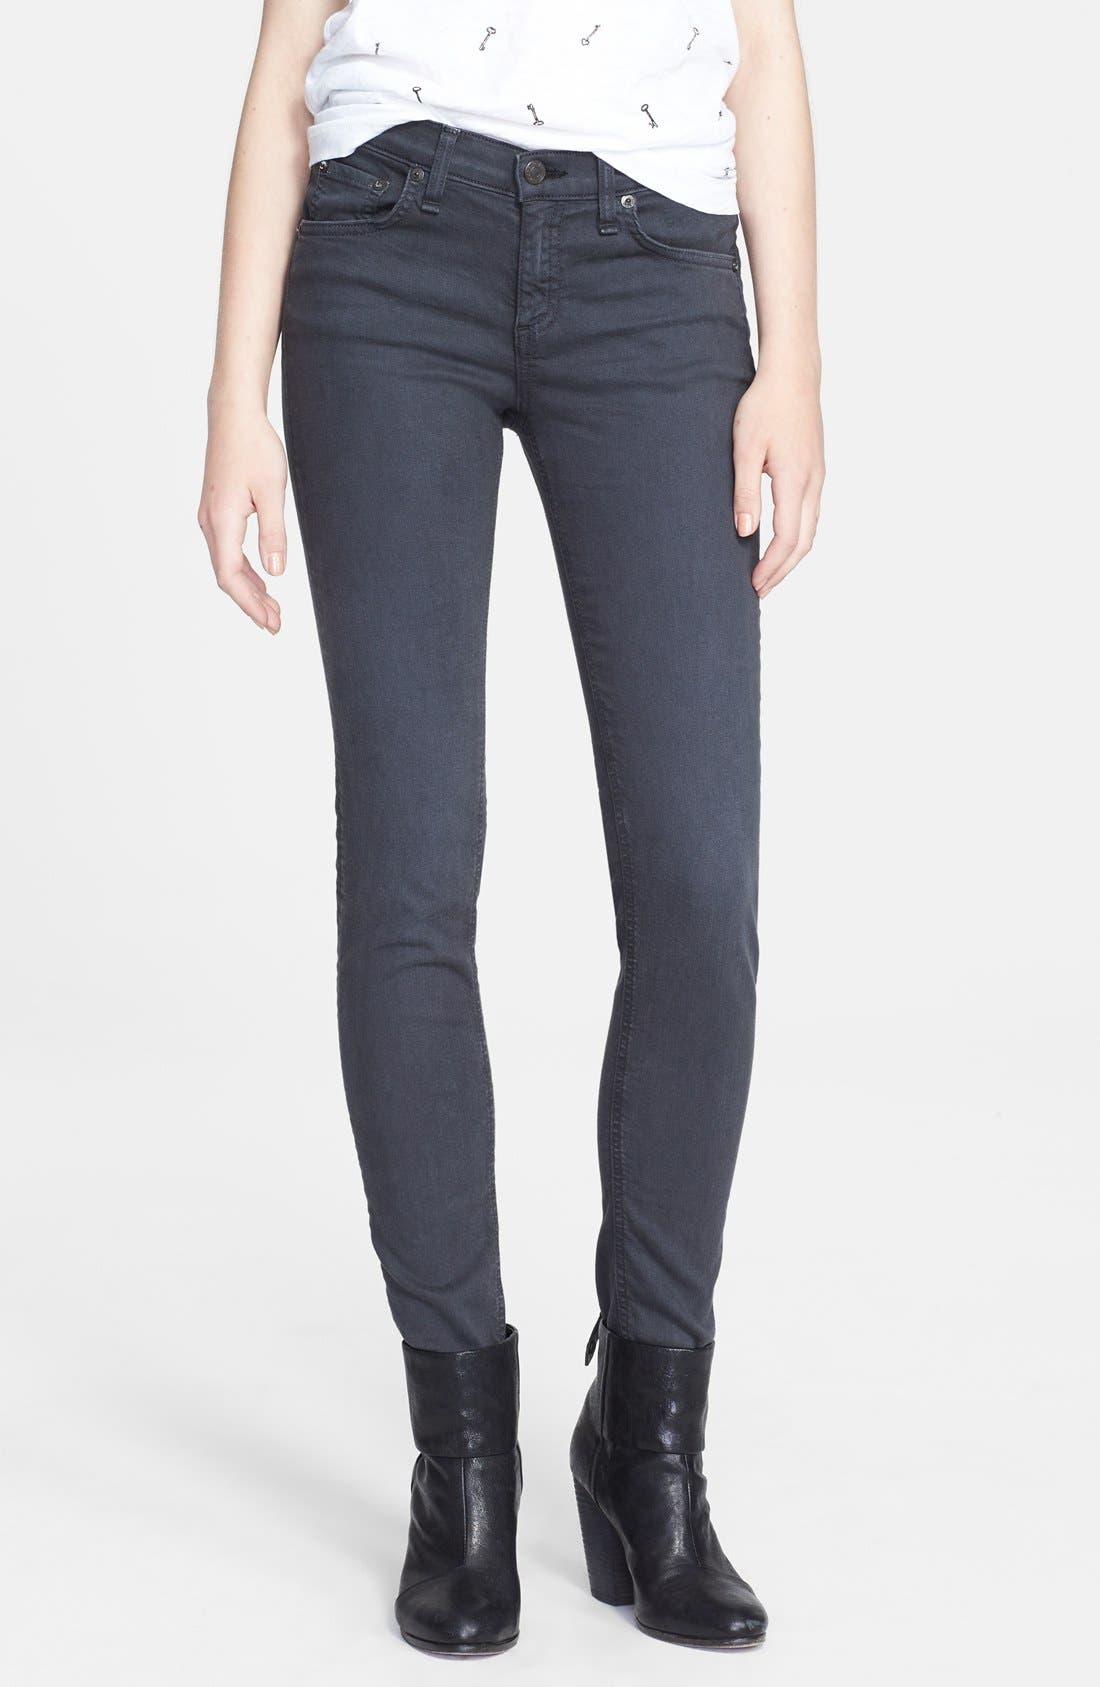 RAG & BONE JEAN 'The Skinny' Jeans, Main, color, 011